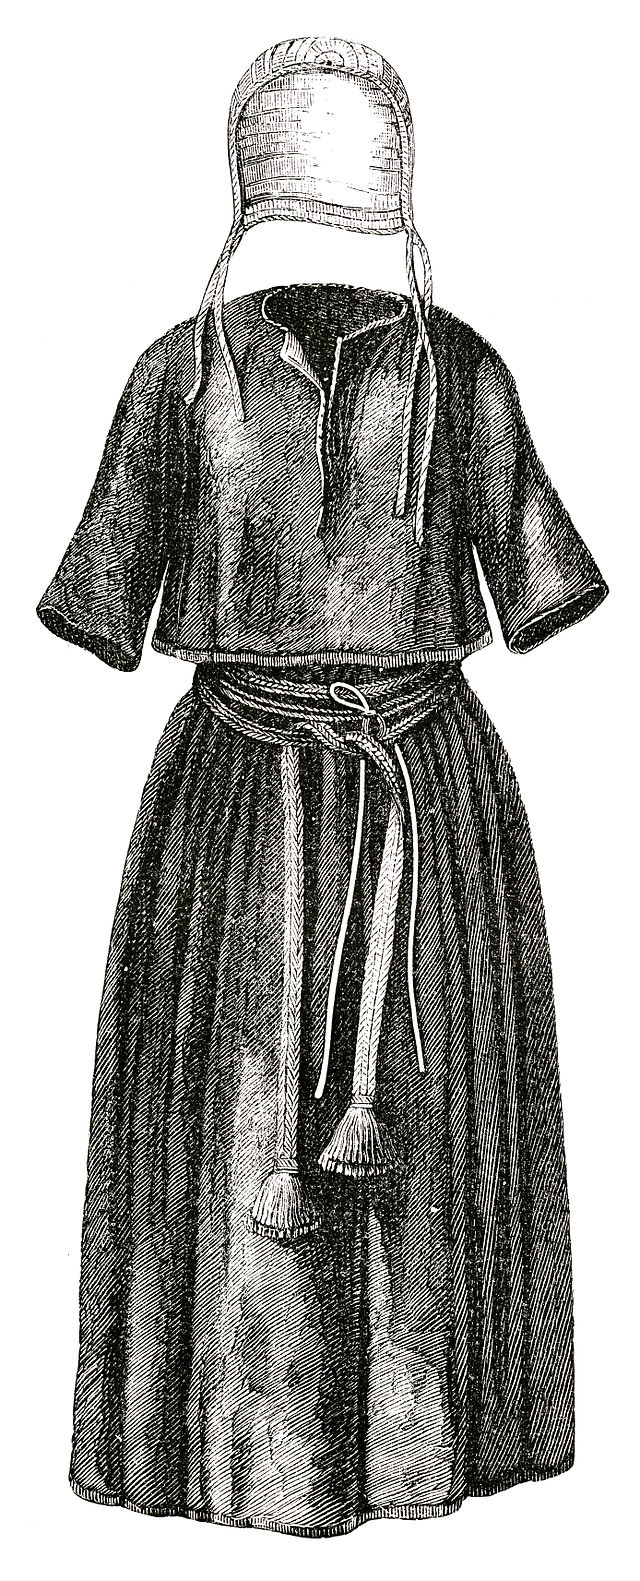 Kleidung der Bronzezeit | Mittelalter Wiki | FANDOM powered by Wikia